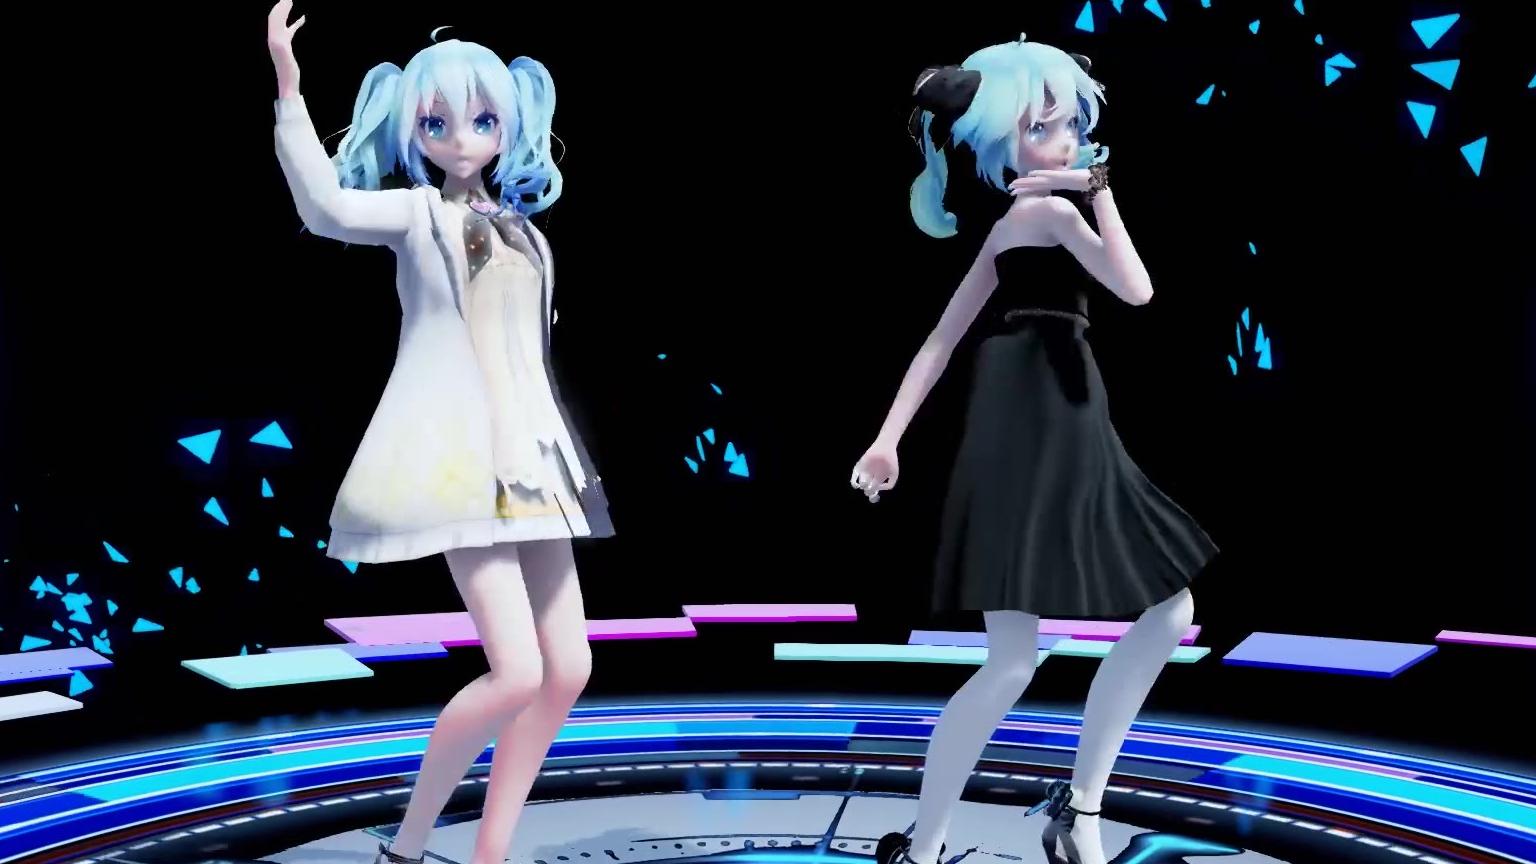 【MMD 初音未来】两位初音,双倍快乐 (TDA Miku)